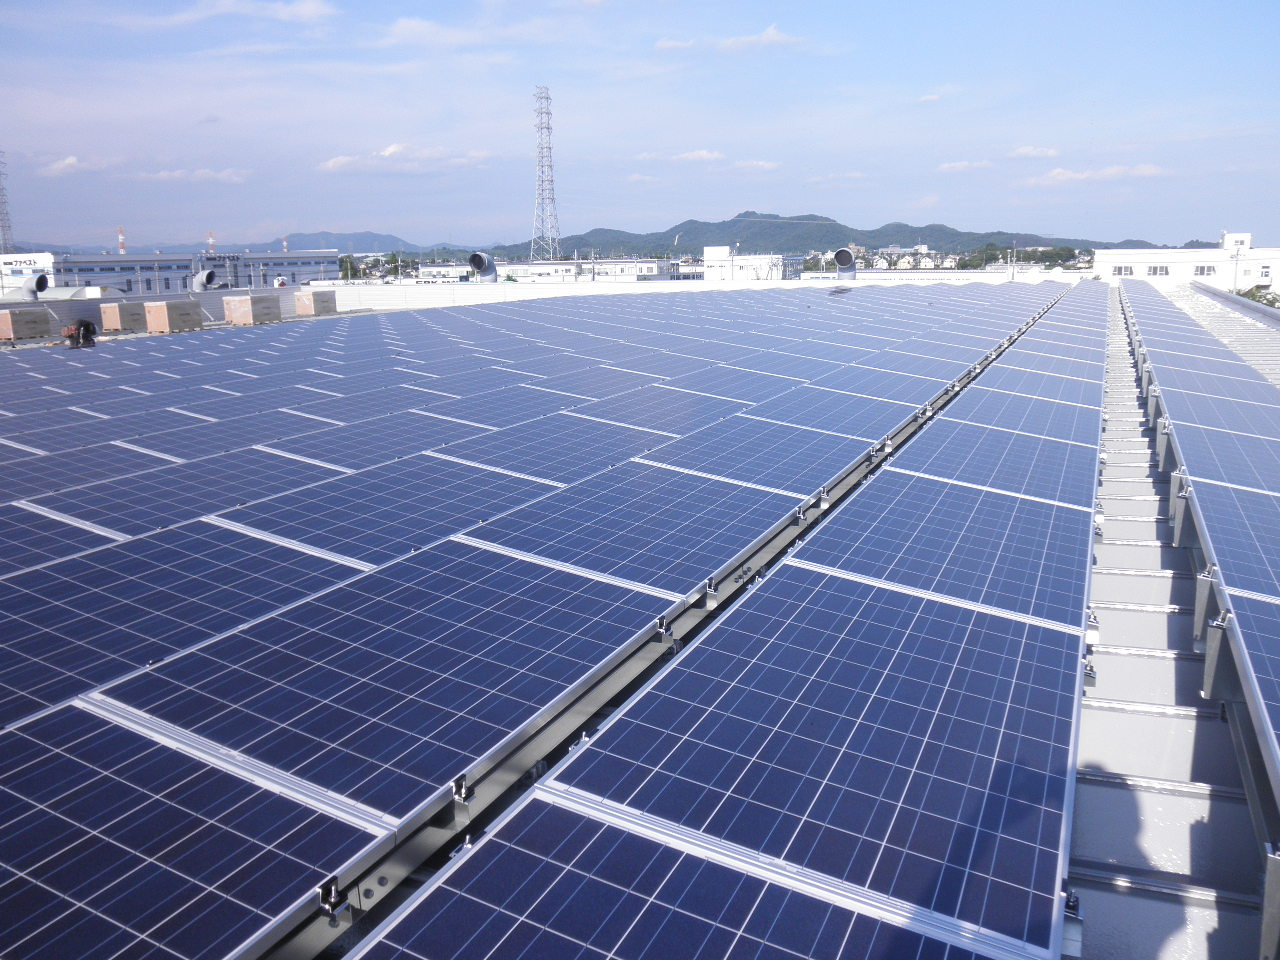 solarcell_moresco_image.jpg